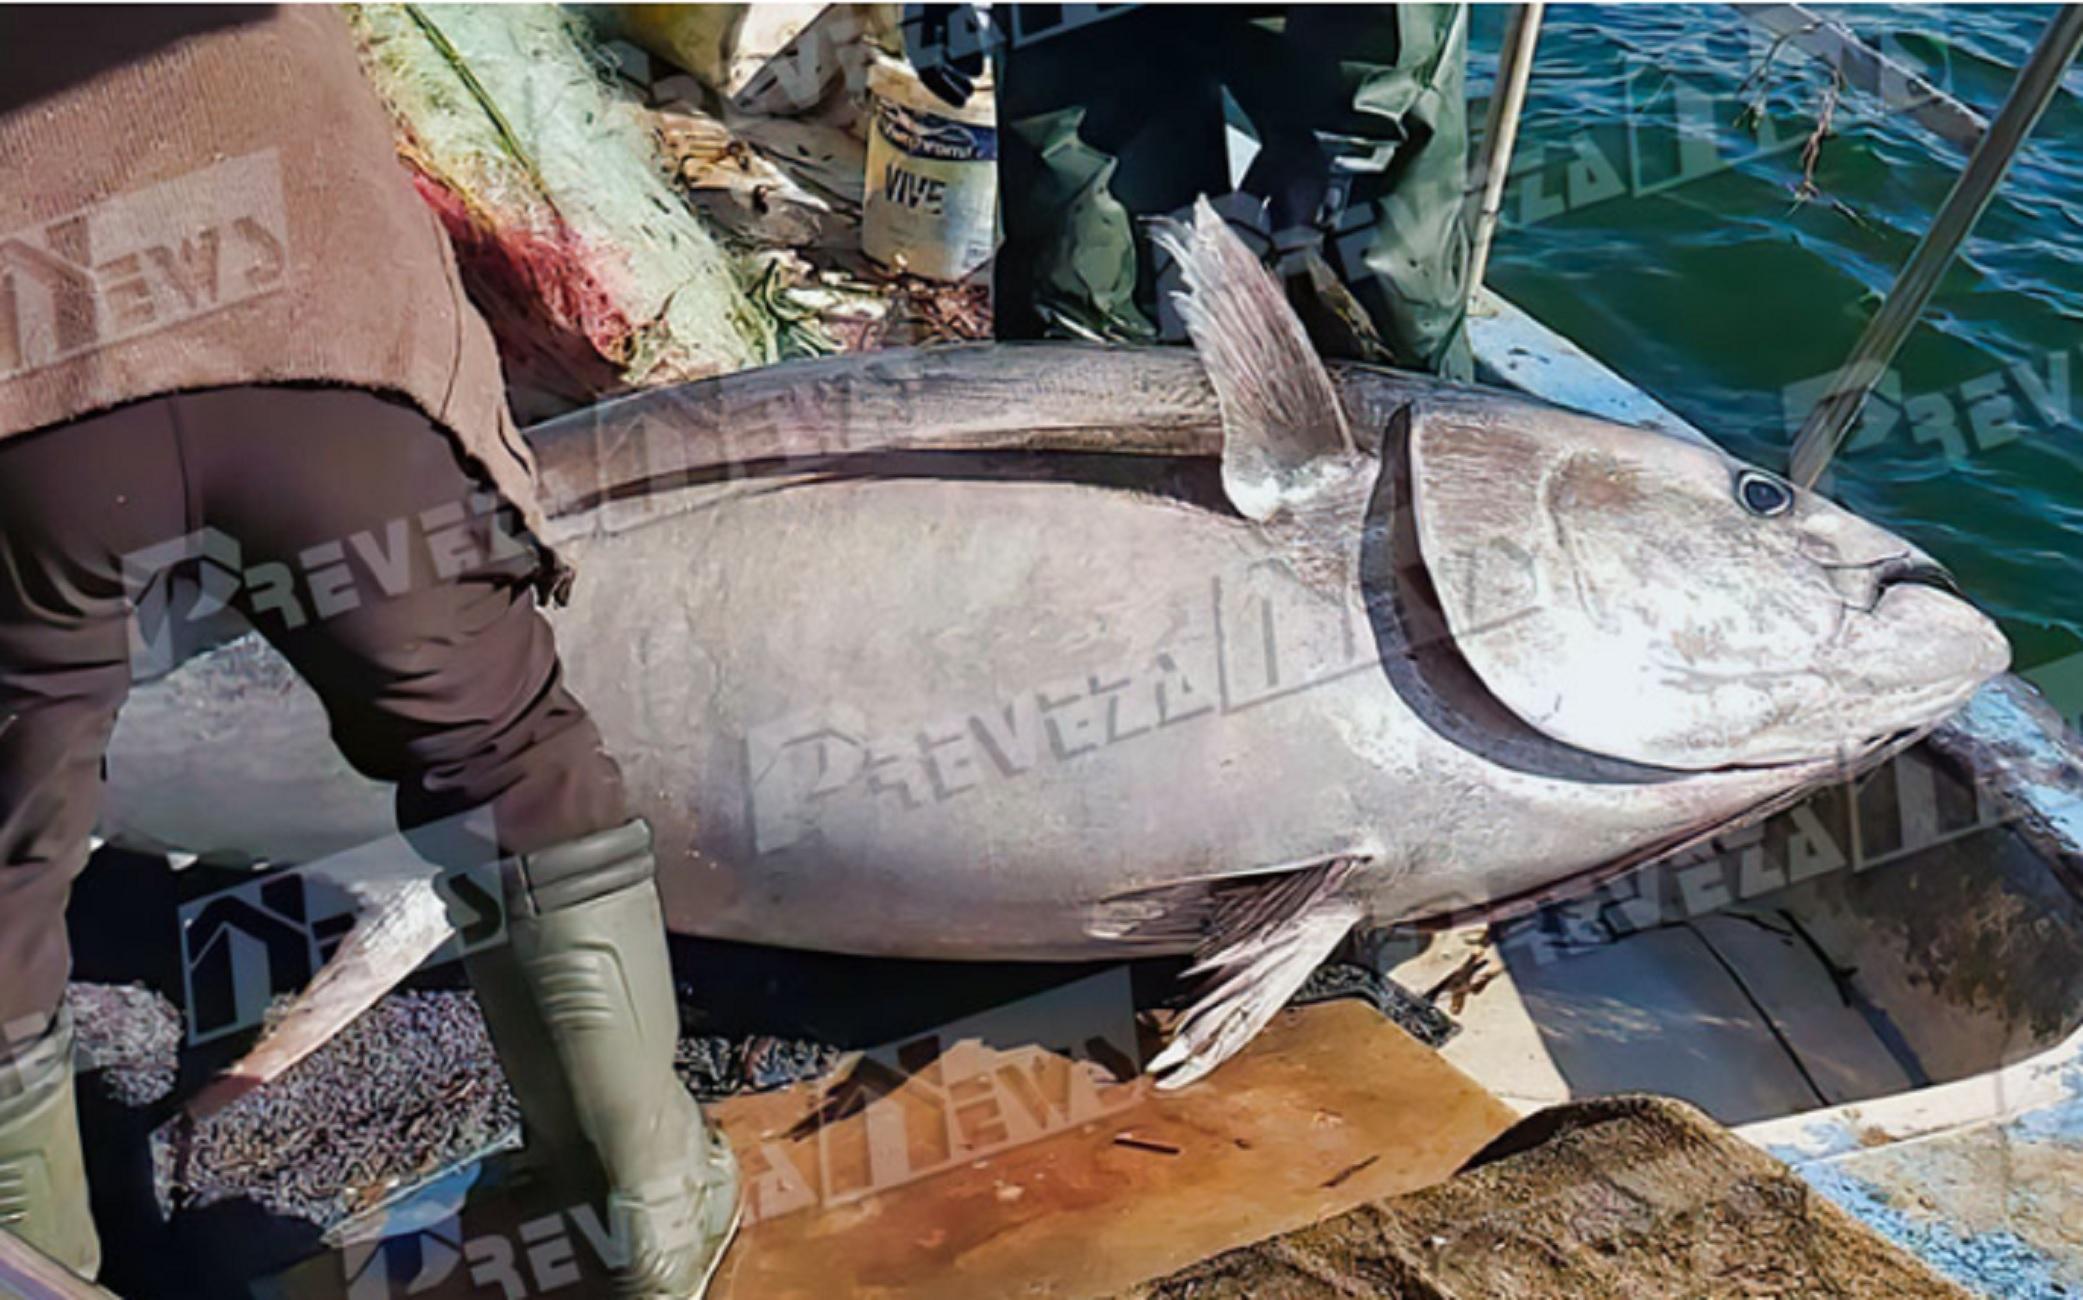 Πρέβεζα: Δεν είναι μοντάζ αλλά το ψάρι που έπιασαν – Φράκαρε το καϊκι μόλις το σήκωσαν (pics)